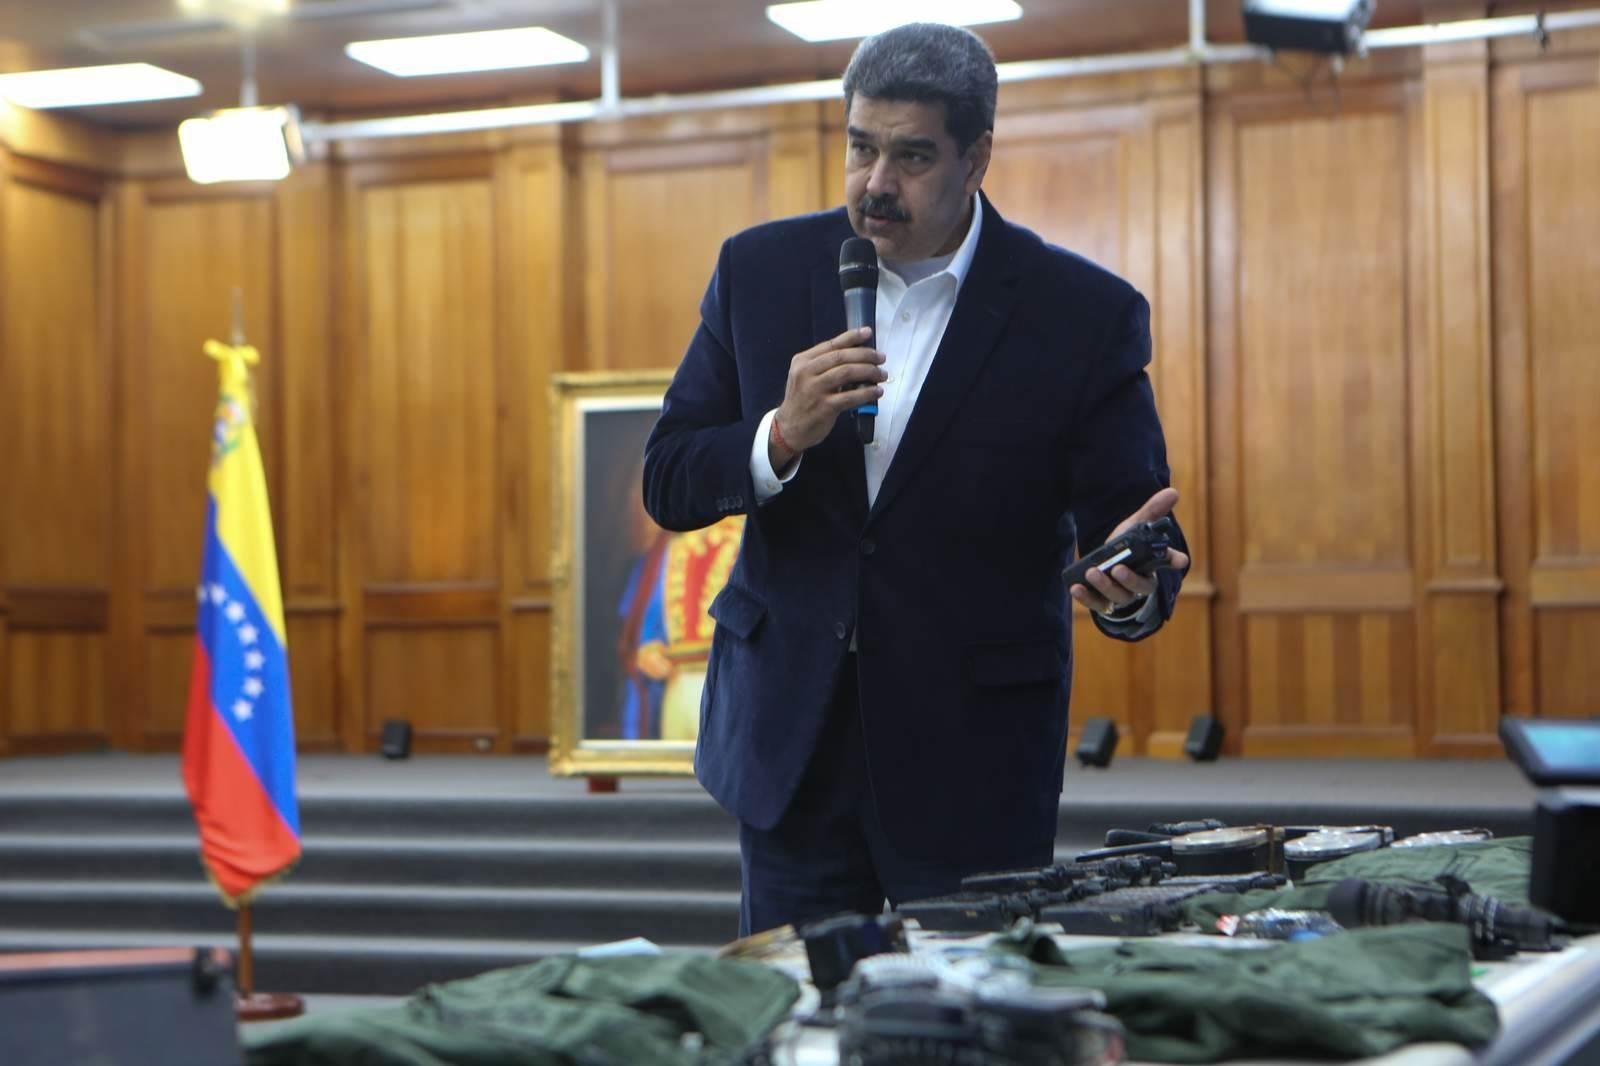 بعد إحباط فنزويلا محاولة غزو.. مسؤول في الكونغرس يطالب إدارة ترامب بتوضيحات